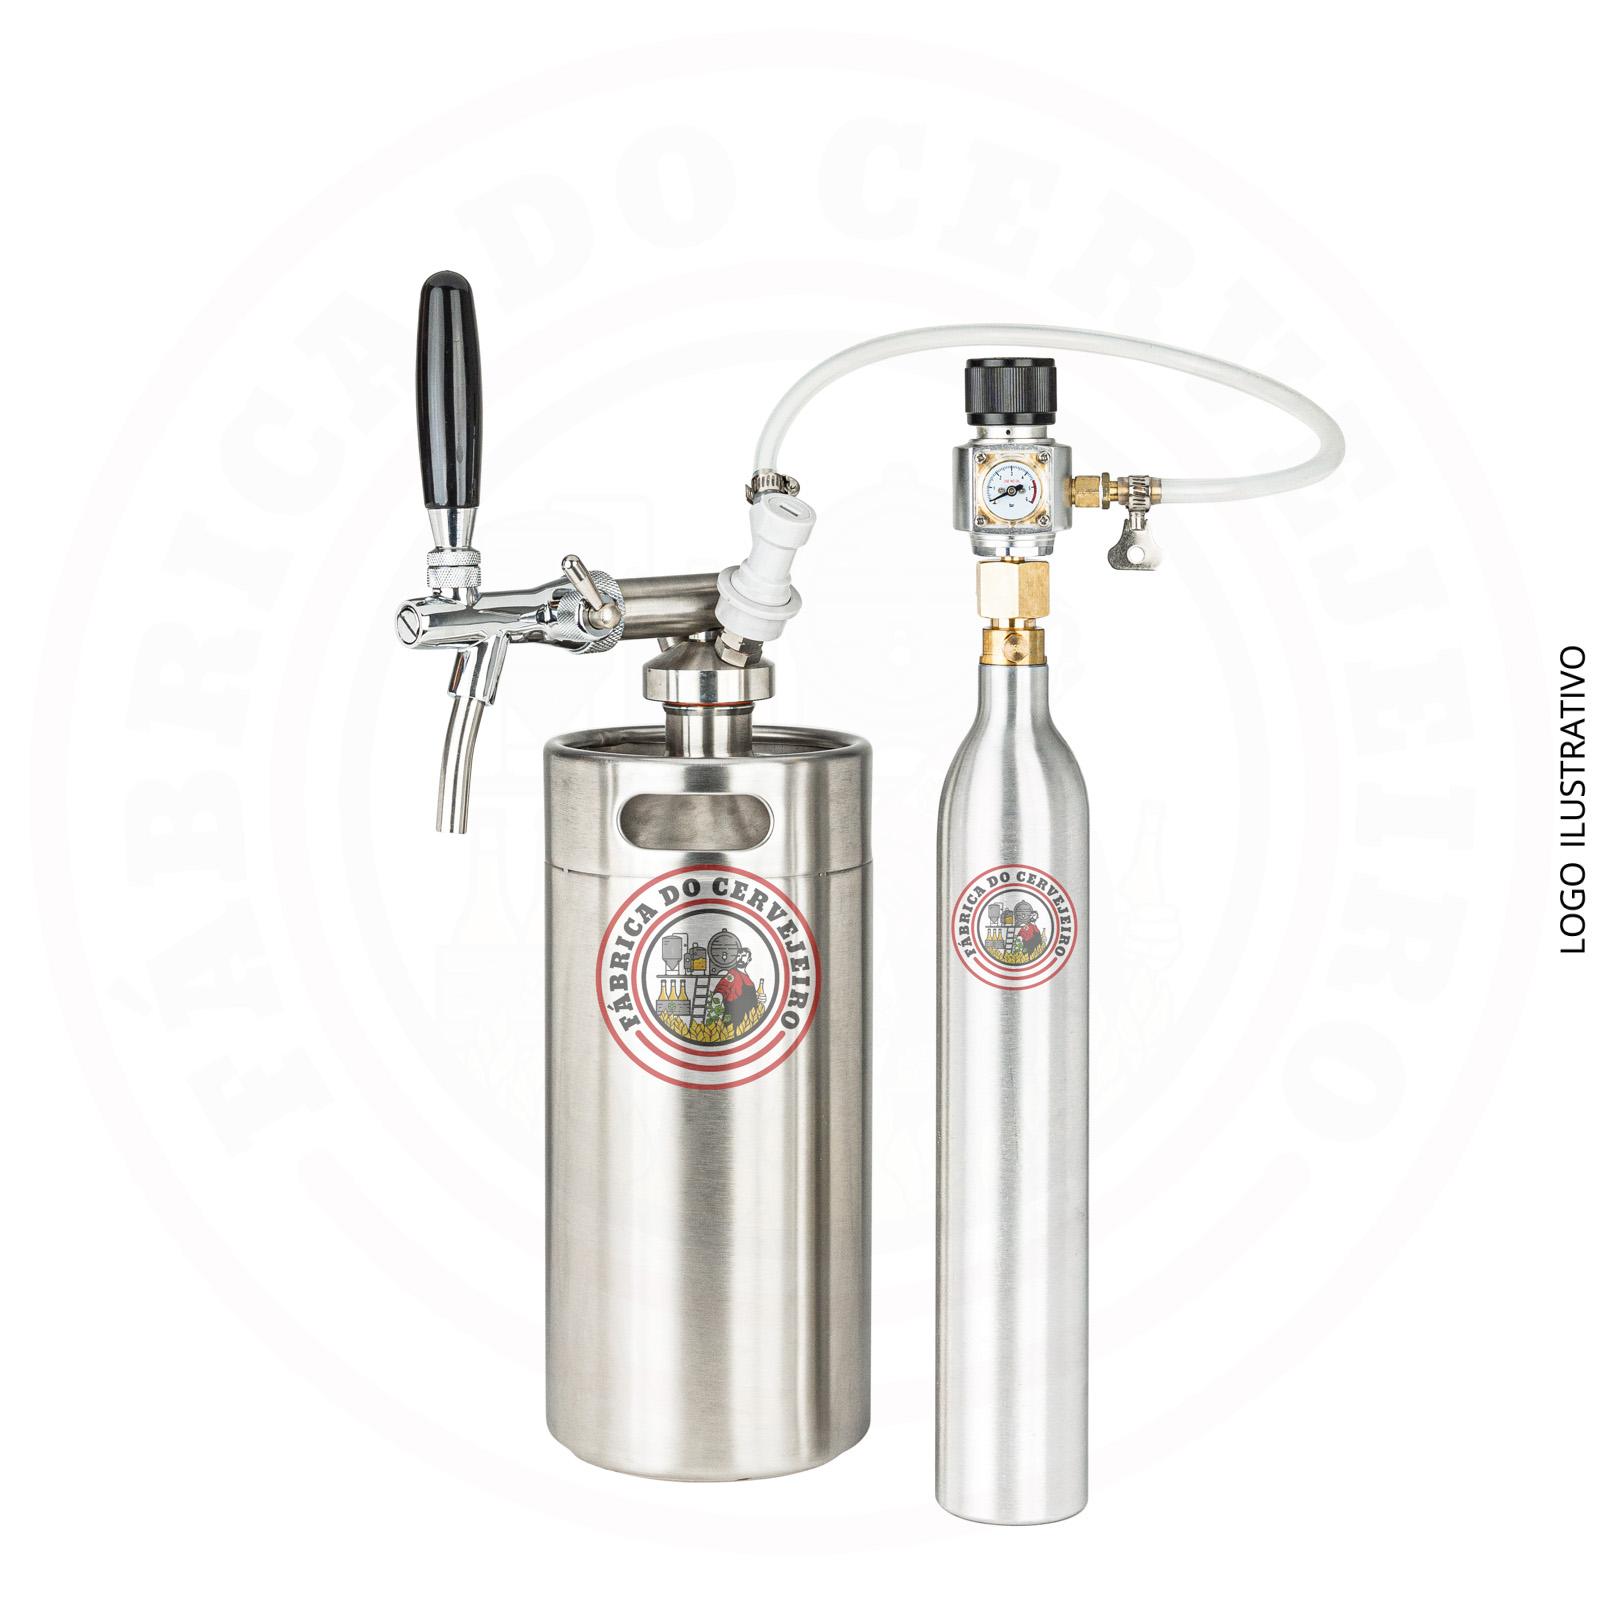 Kit mini keg growler 3,6L completo + kit extração com cilindro 425g e mini regulador profissional